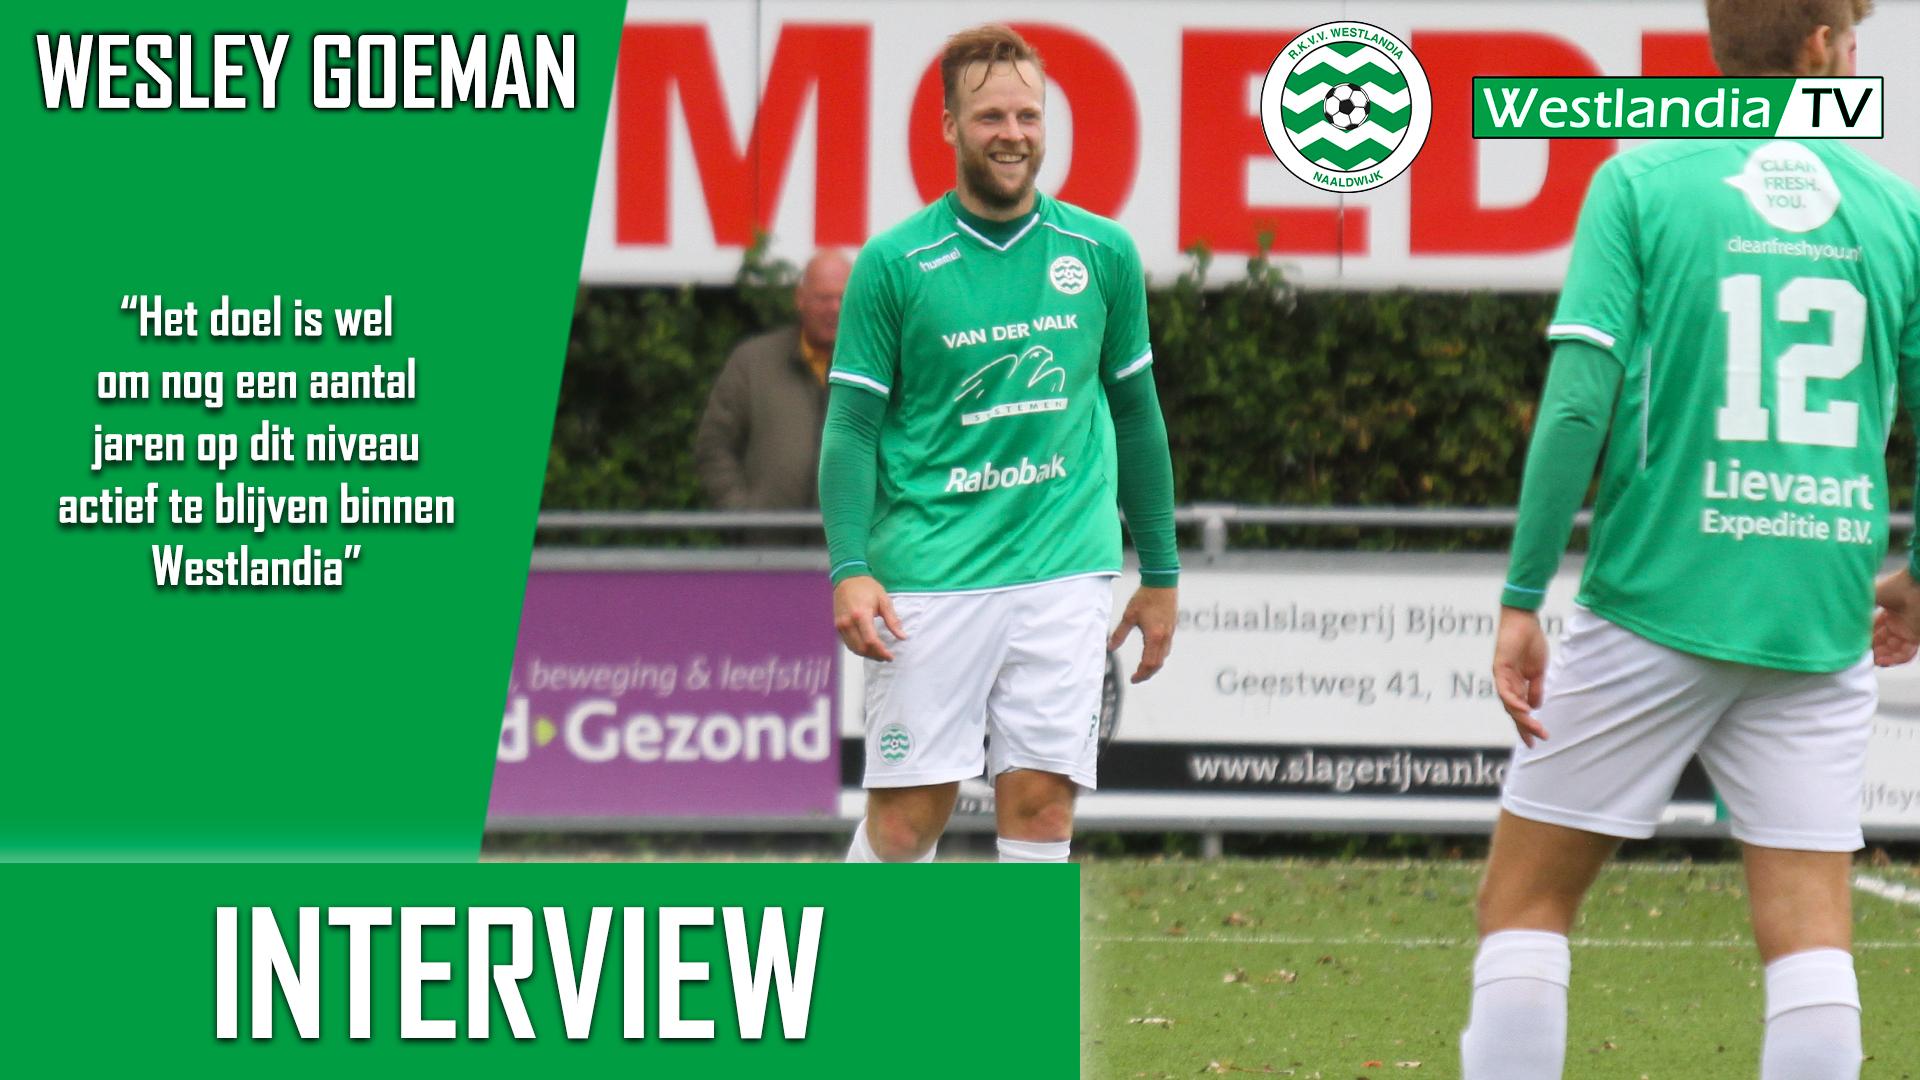 Wesley Goeman verlengt zijn contract met één seizoen! (Interview)